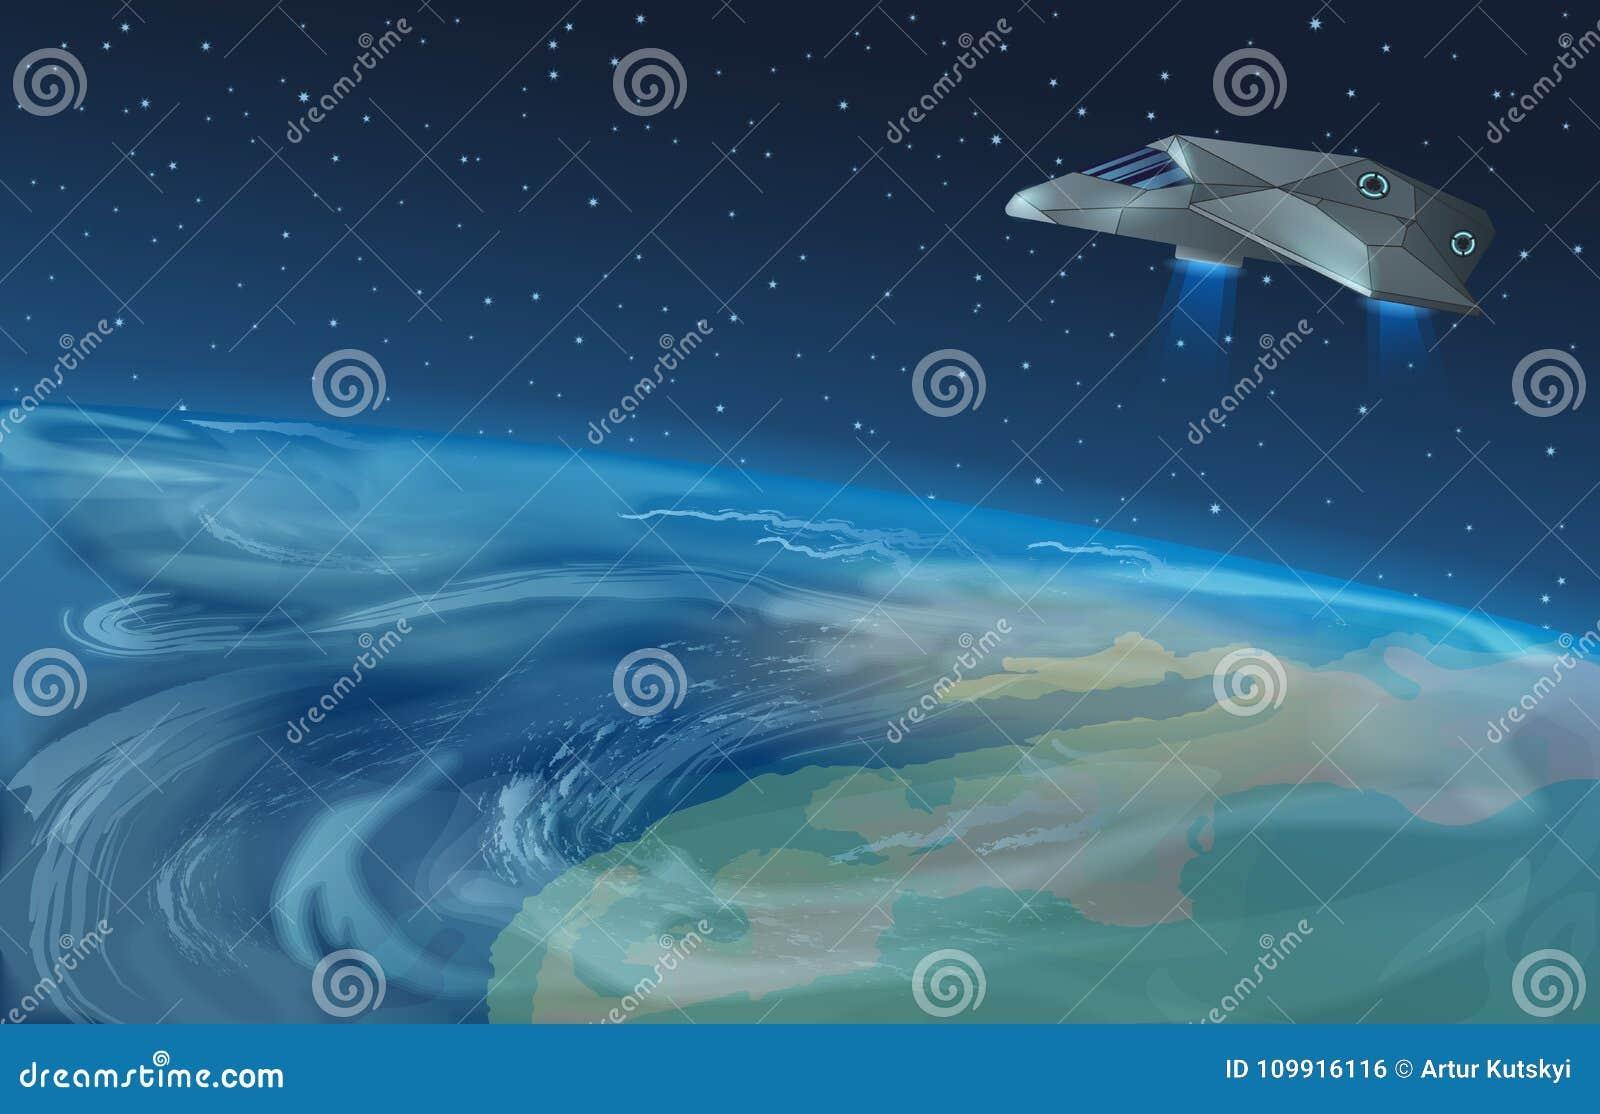 Wektorowa ilustracja lata nad planetą błękitna gwiazda w rozpieczętowanej galaxy przestrzeni statek kosmiczny Ziemski widok od pr